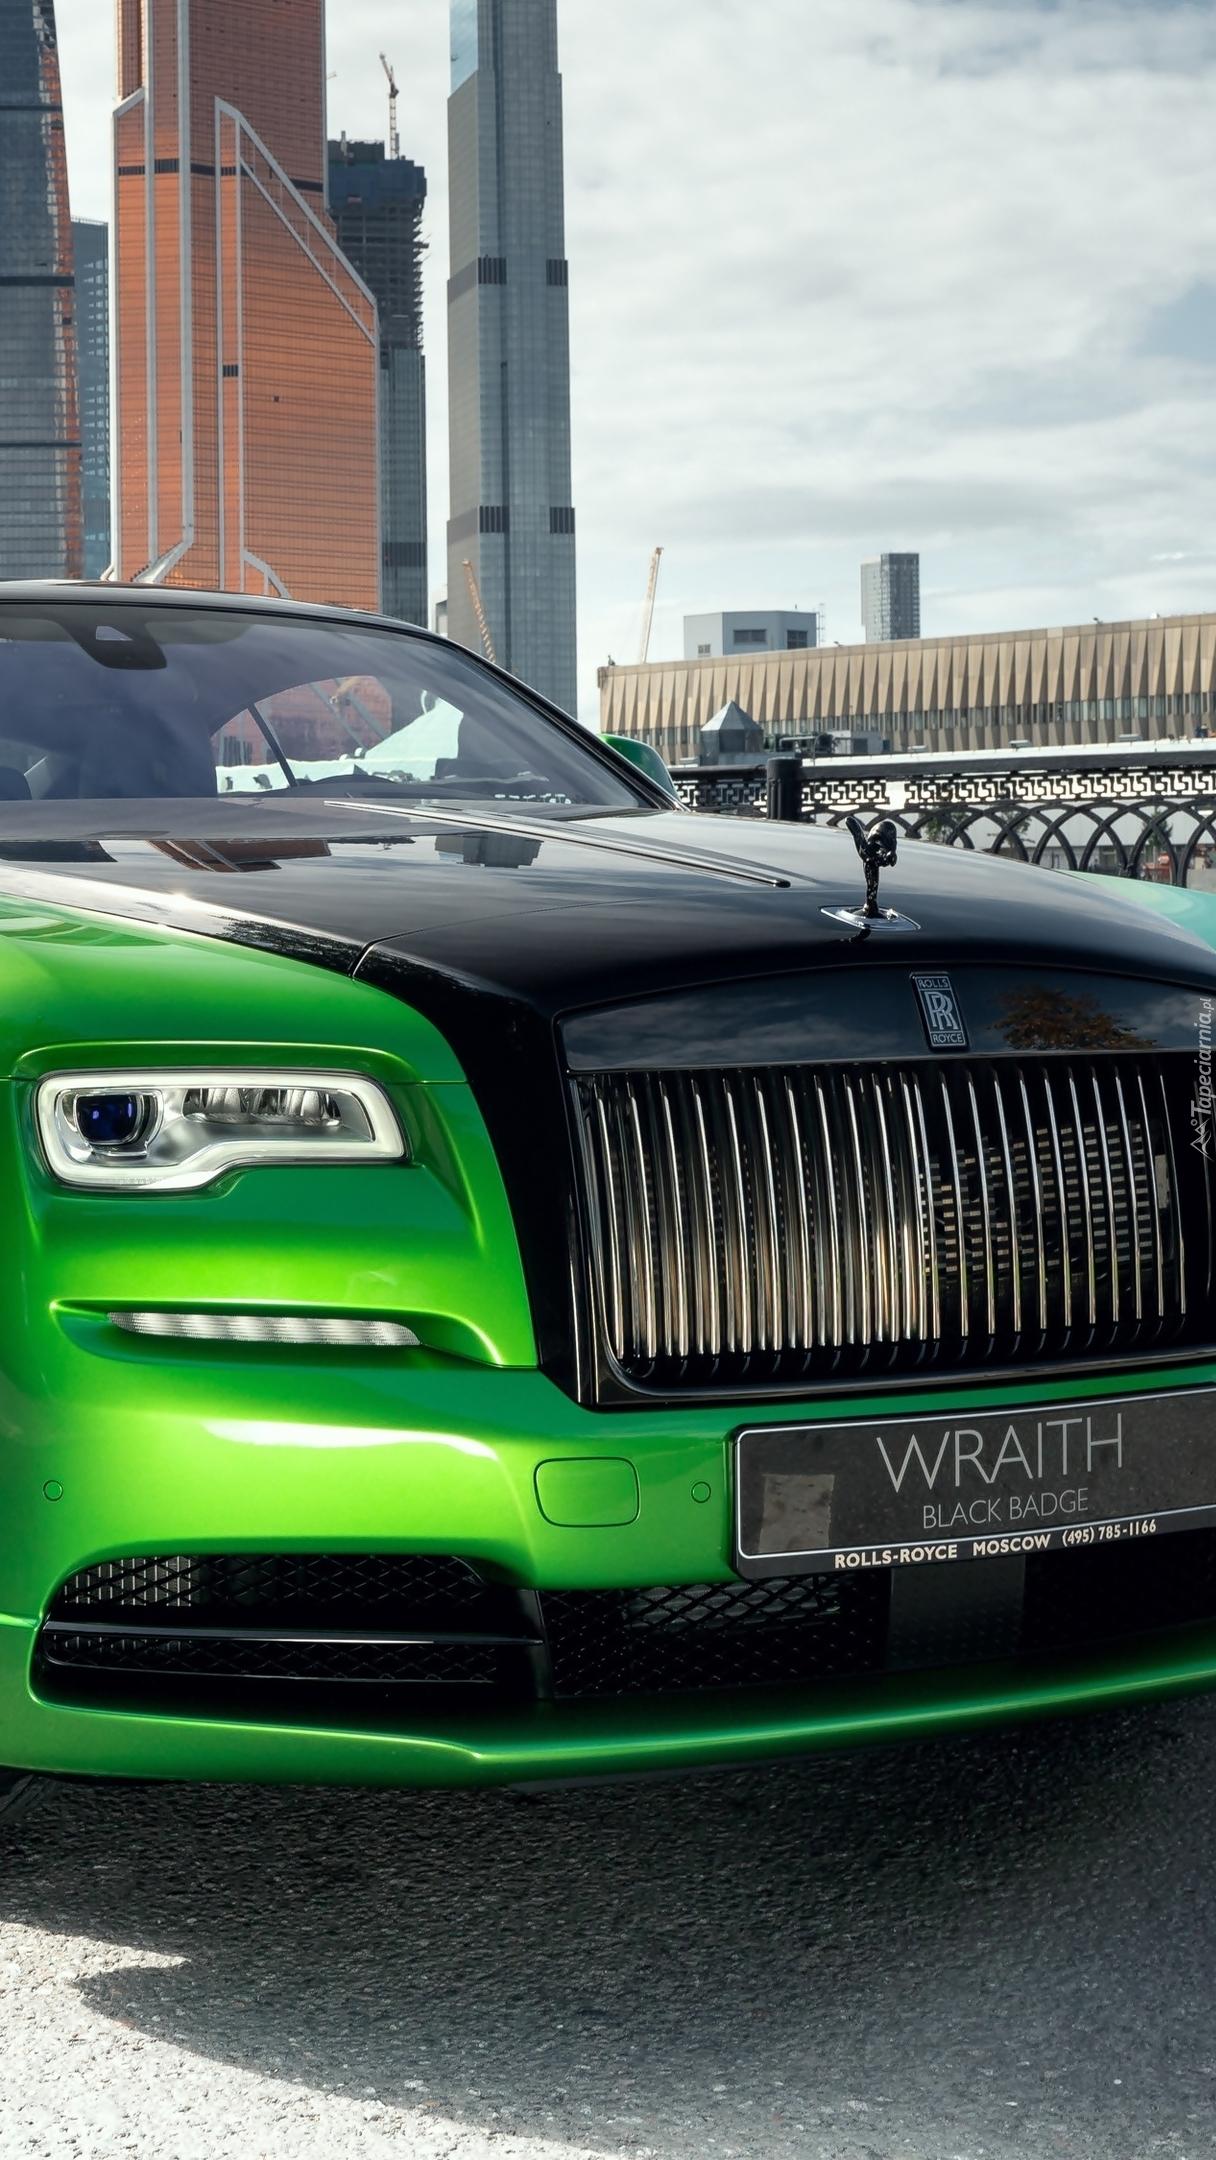 Przód zielonego Rolls-Royce Wraith